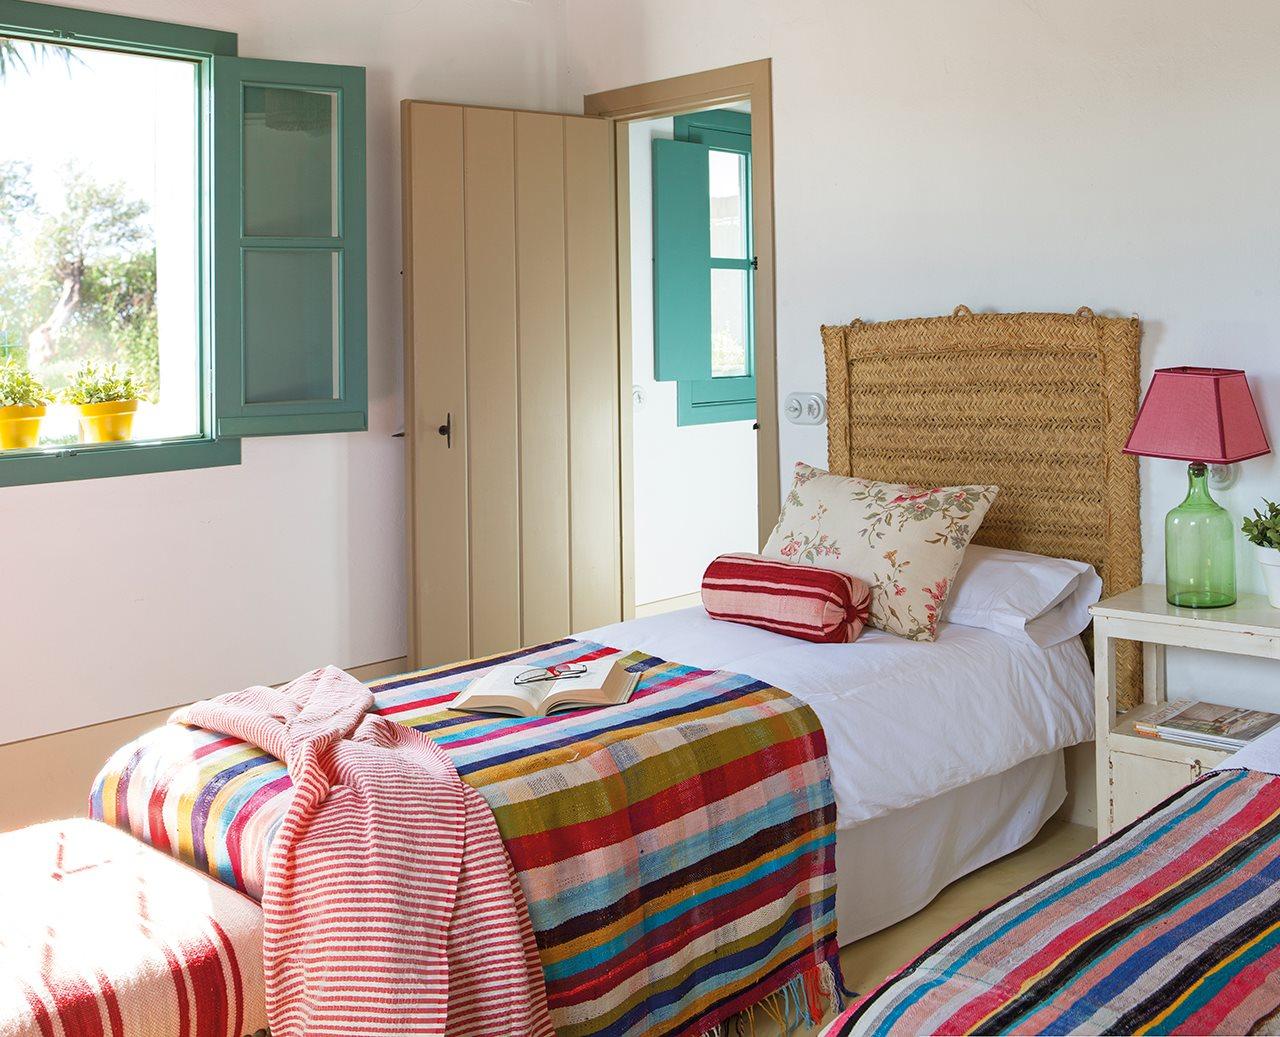 9 5 - Toque de encanto y color en Carmona (Sevilla): una casa entre olivos para alargar el verano